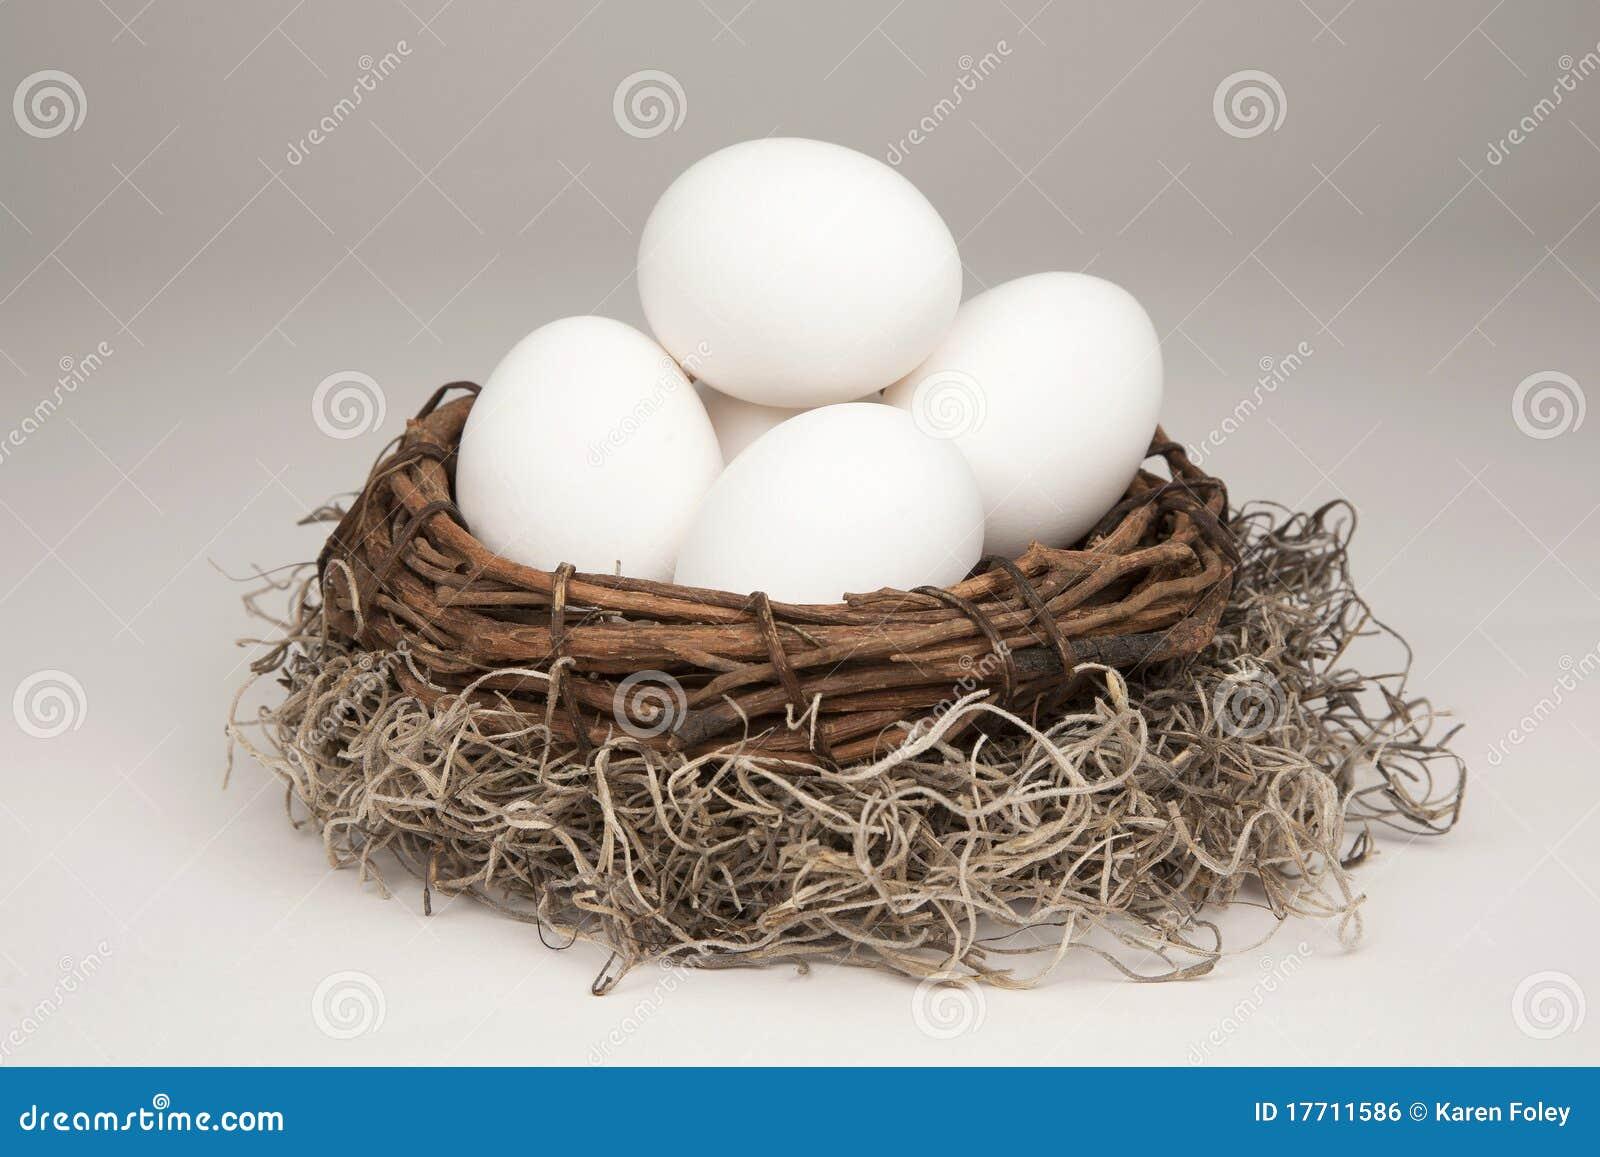 Nest Egg generic